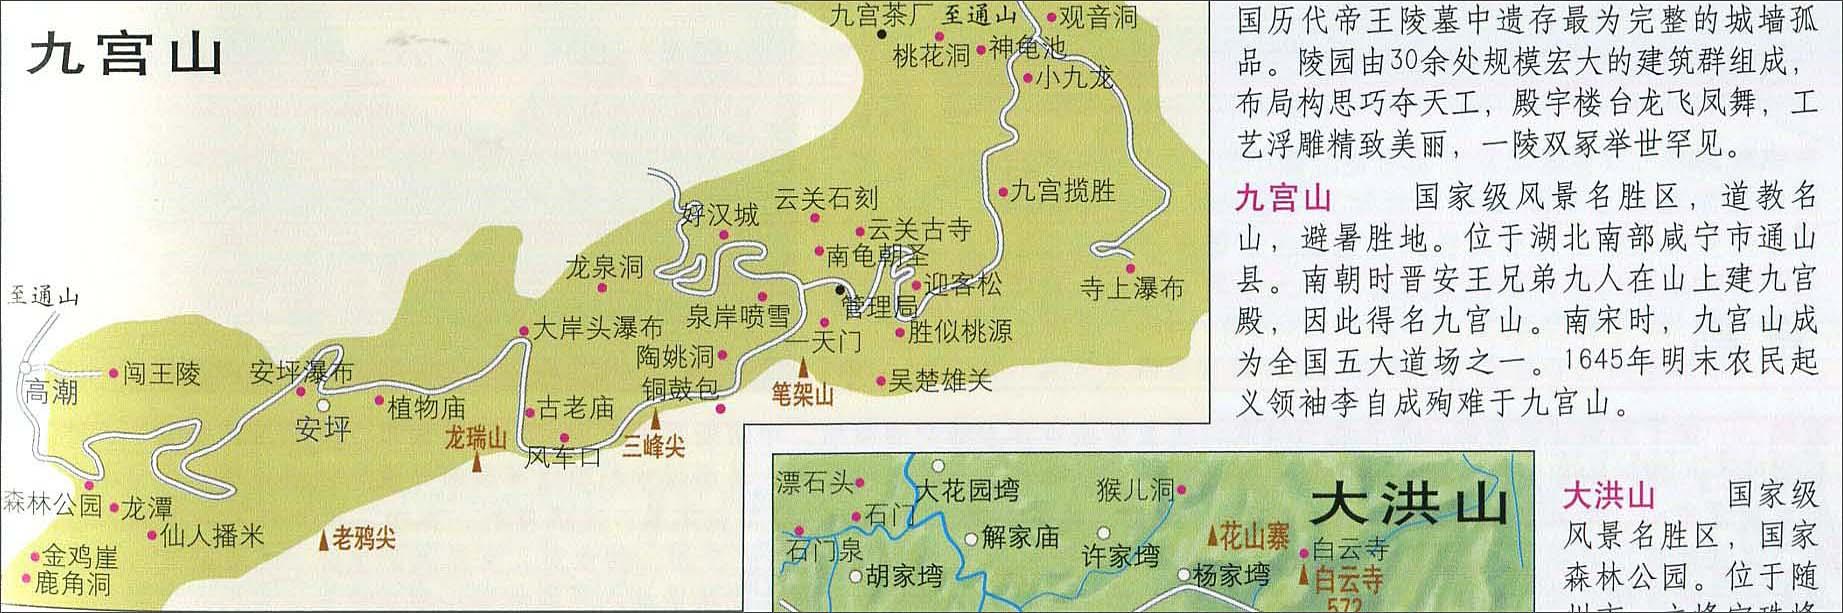 地图库 旅游地图 湖北旅游 >> 九宫山旅游地图  景点导航:世界旅游